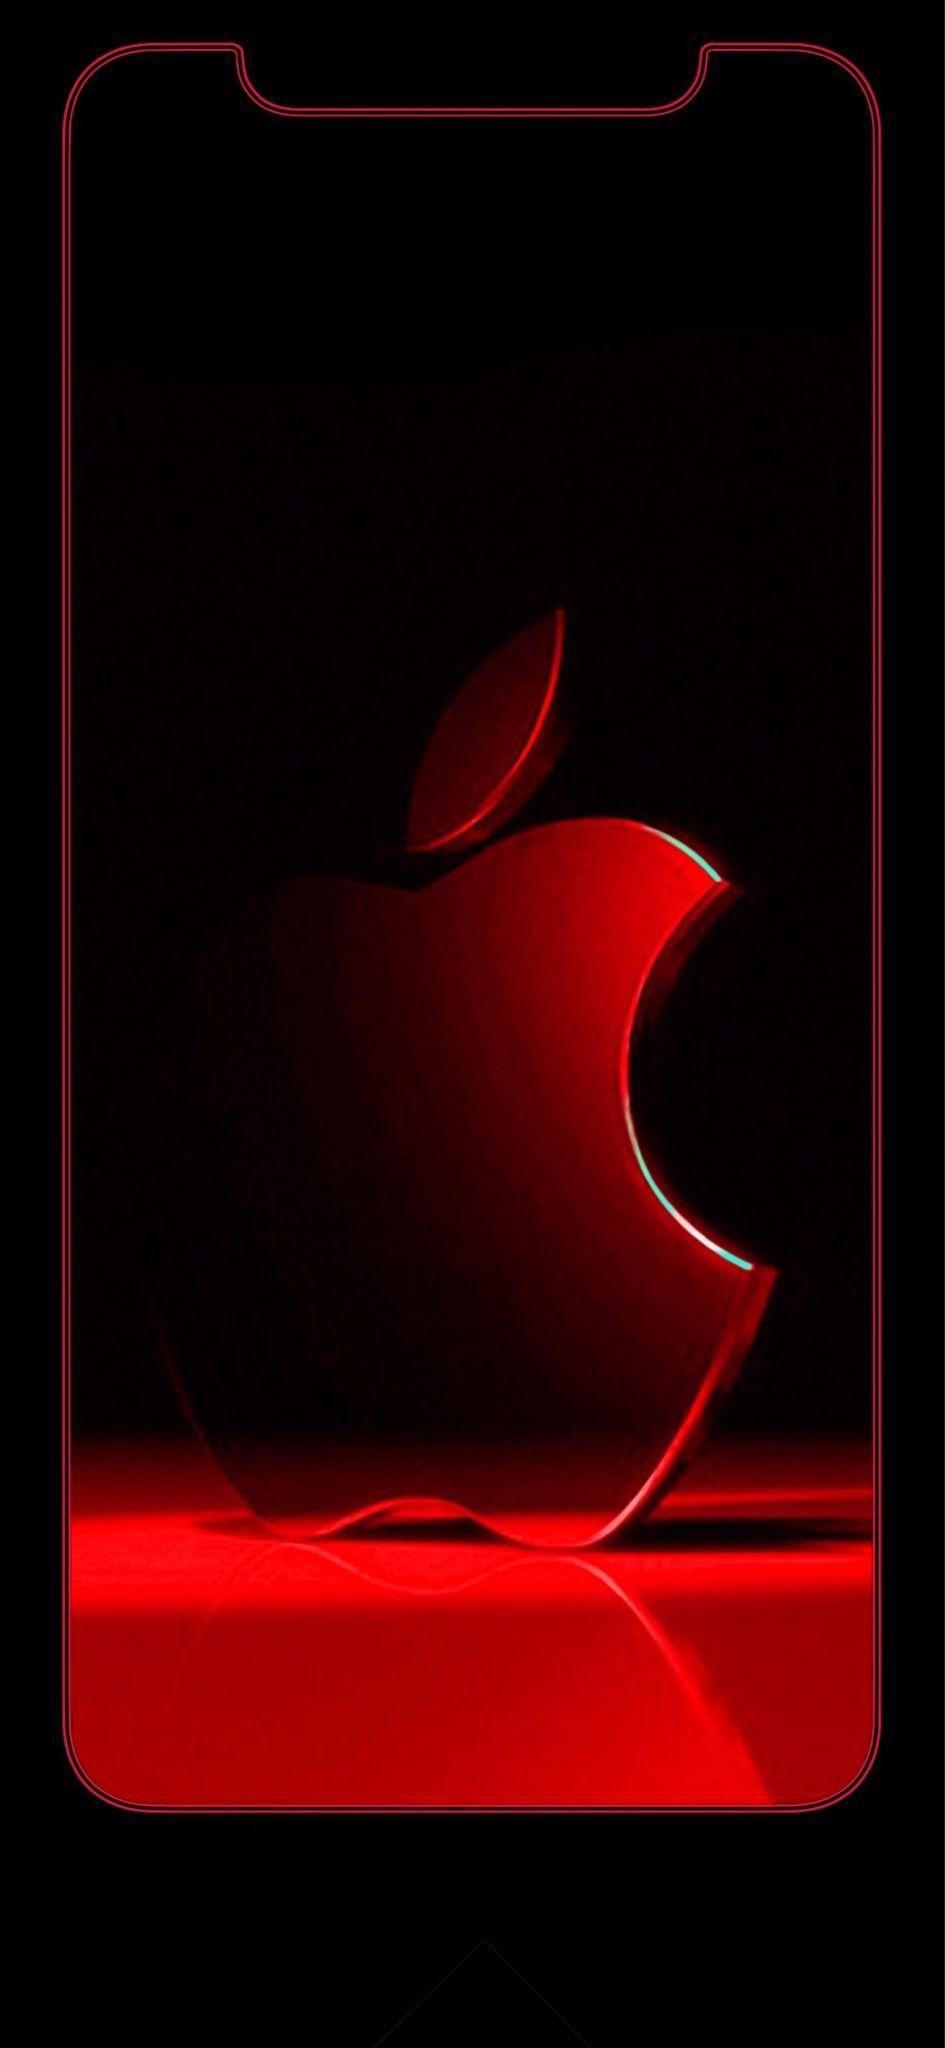 Pin By Lynn Bonomo On Apple Iphone Wallpaper Hd In 2020 Apple